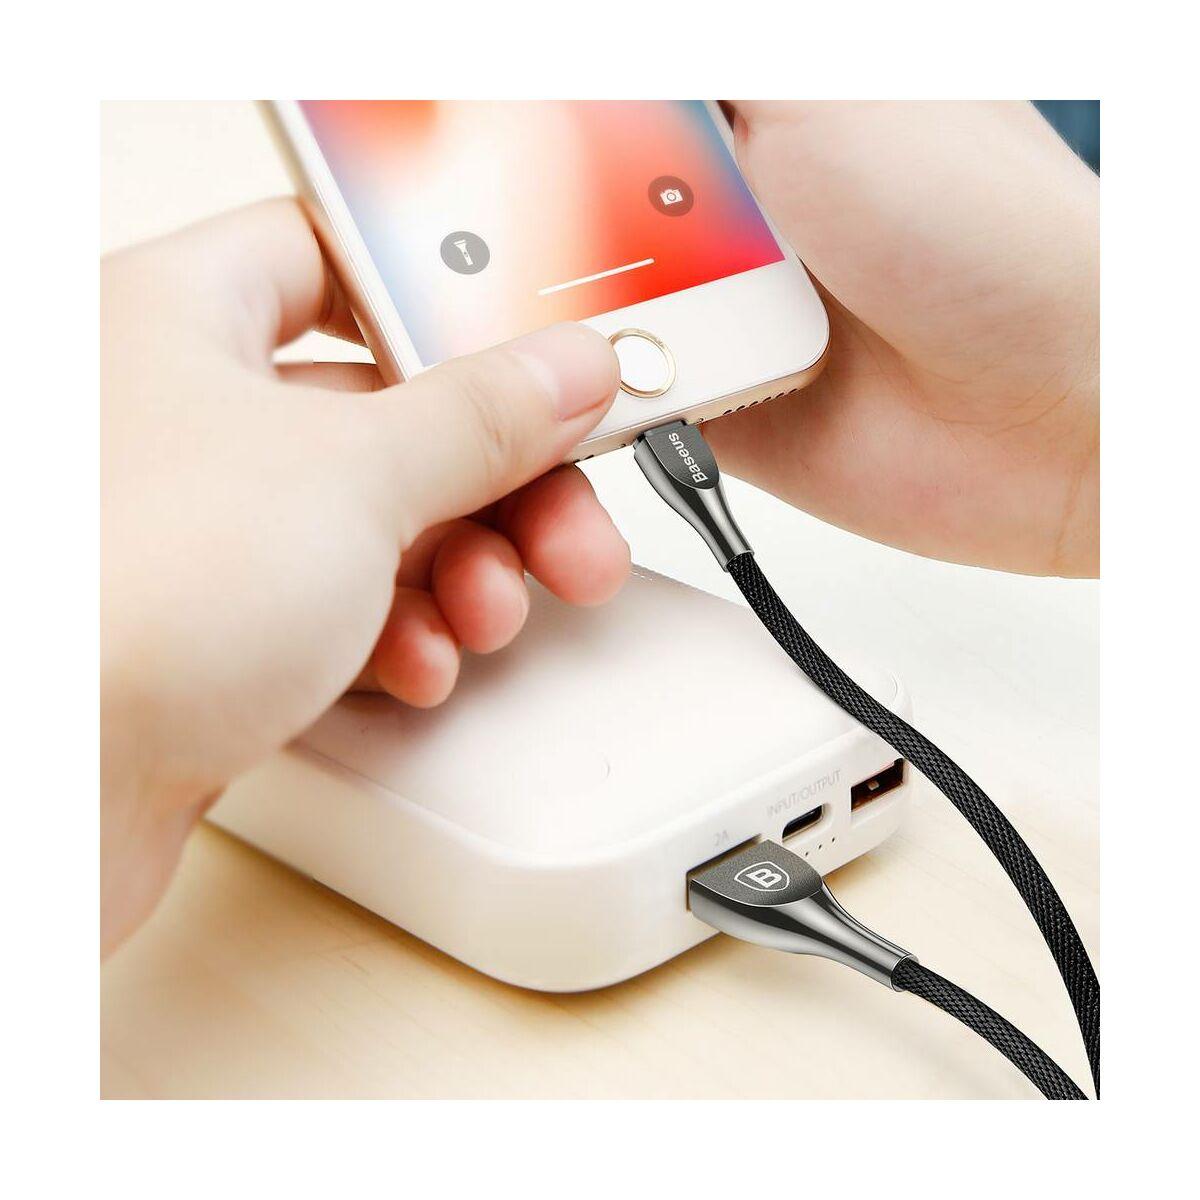 Baseus Lightning kábel, (iPhone 5/6/7/8/X modellekhez) Mageweave Cink ötvözet, 1m, fekete (CALMW-01)